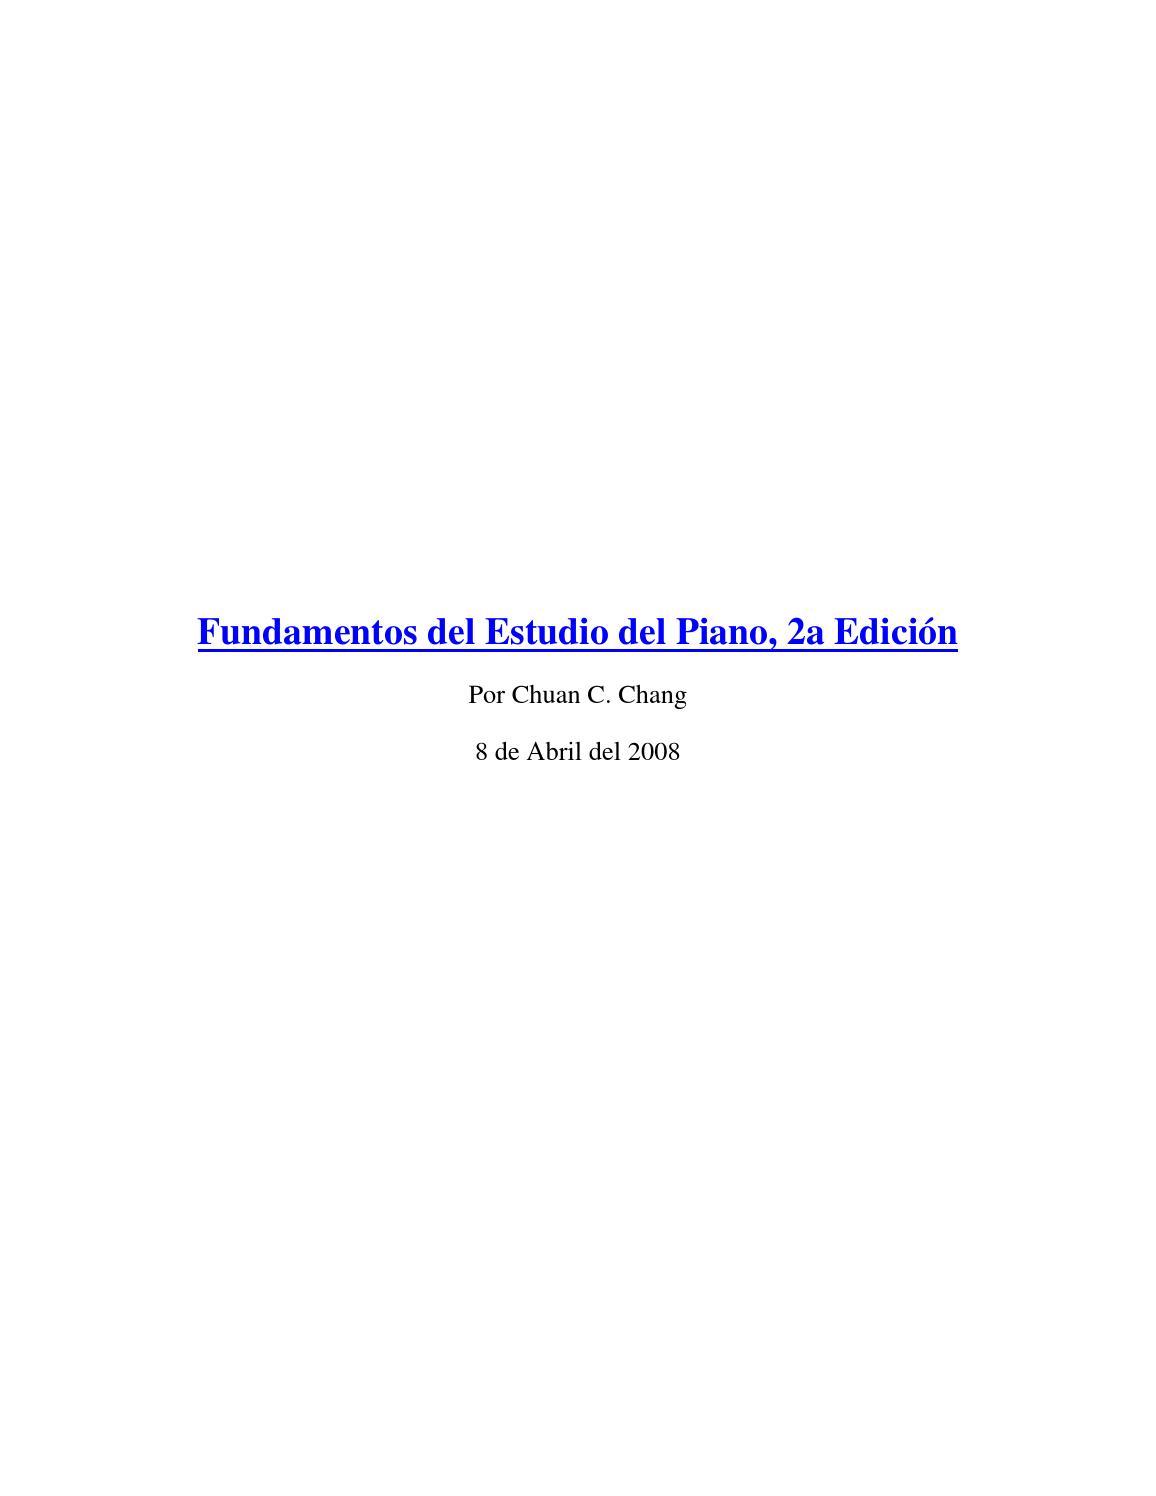 Fundmentos del estudio del piano by Clever Perez - issuu